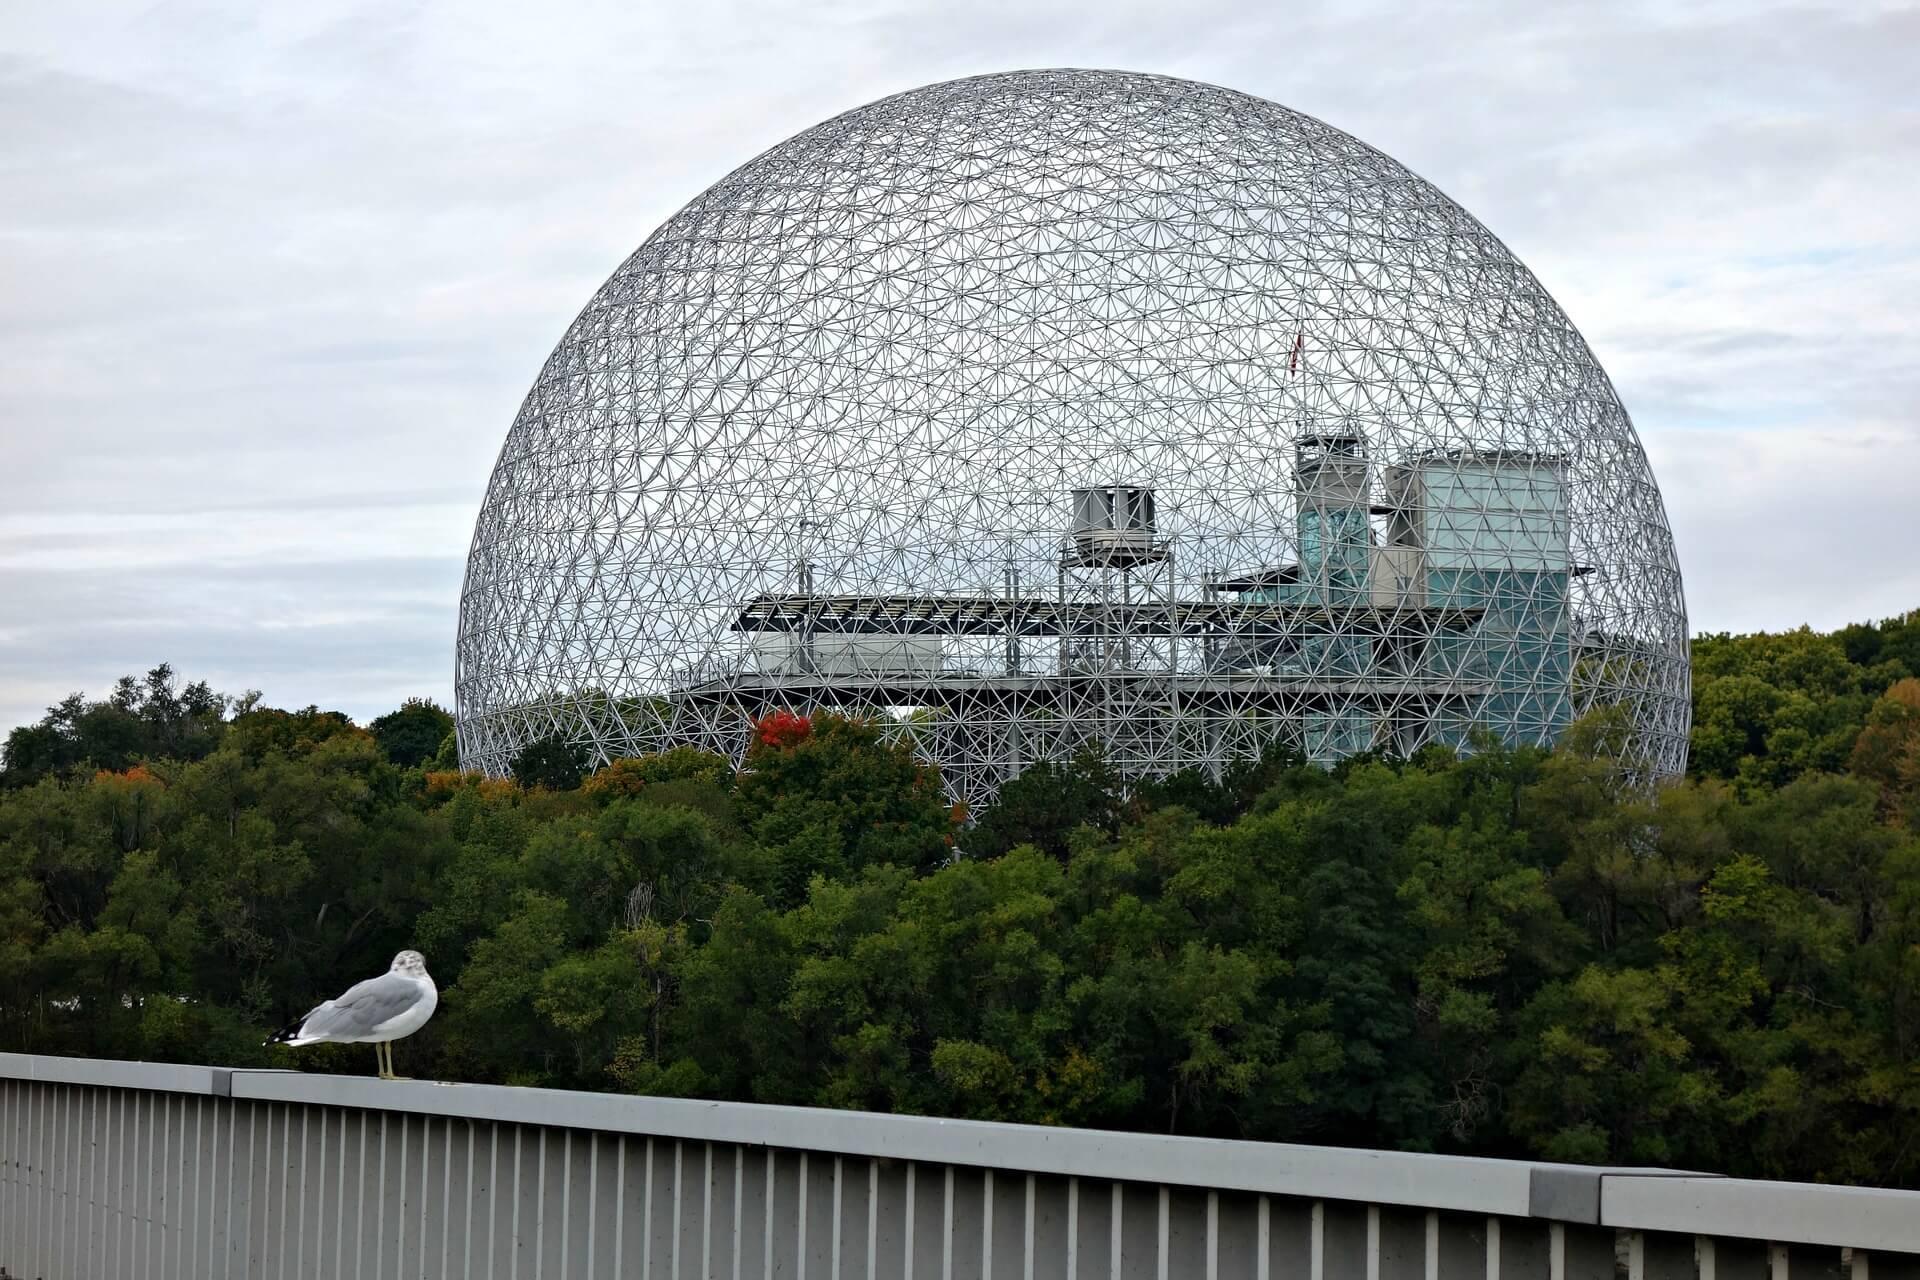 Parc Jean Drapeau, Montreal